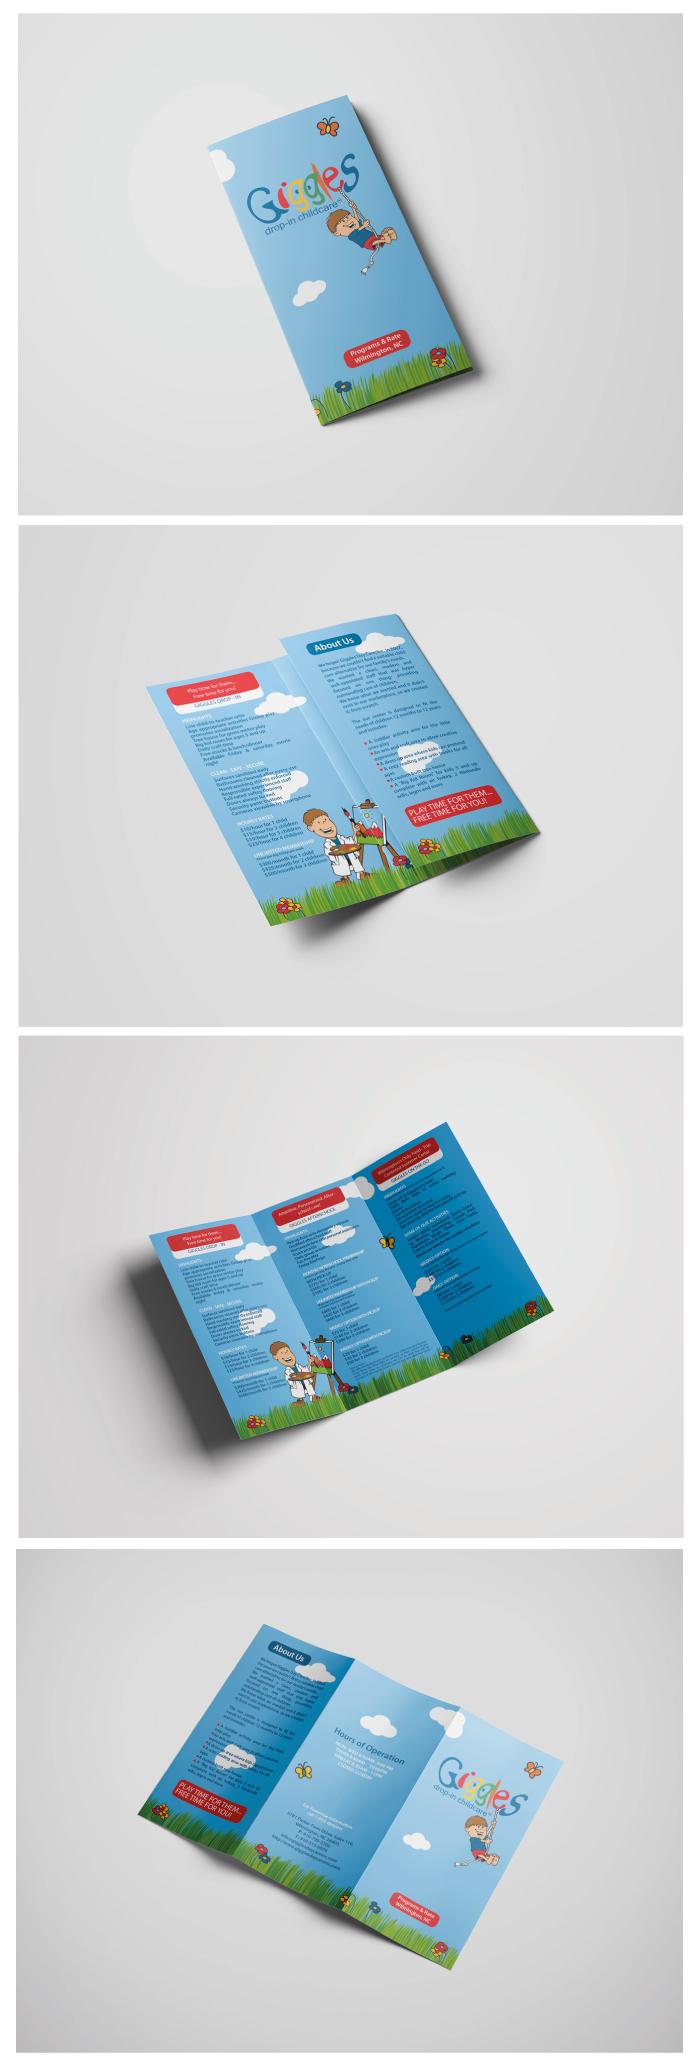 giggles drop in childcare, school, graphic design, brochure, diana petrarca, progettazione, grafica, impaginazione, work, lavoro